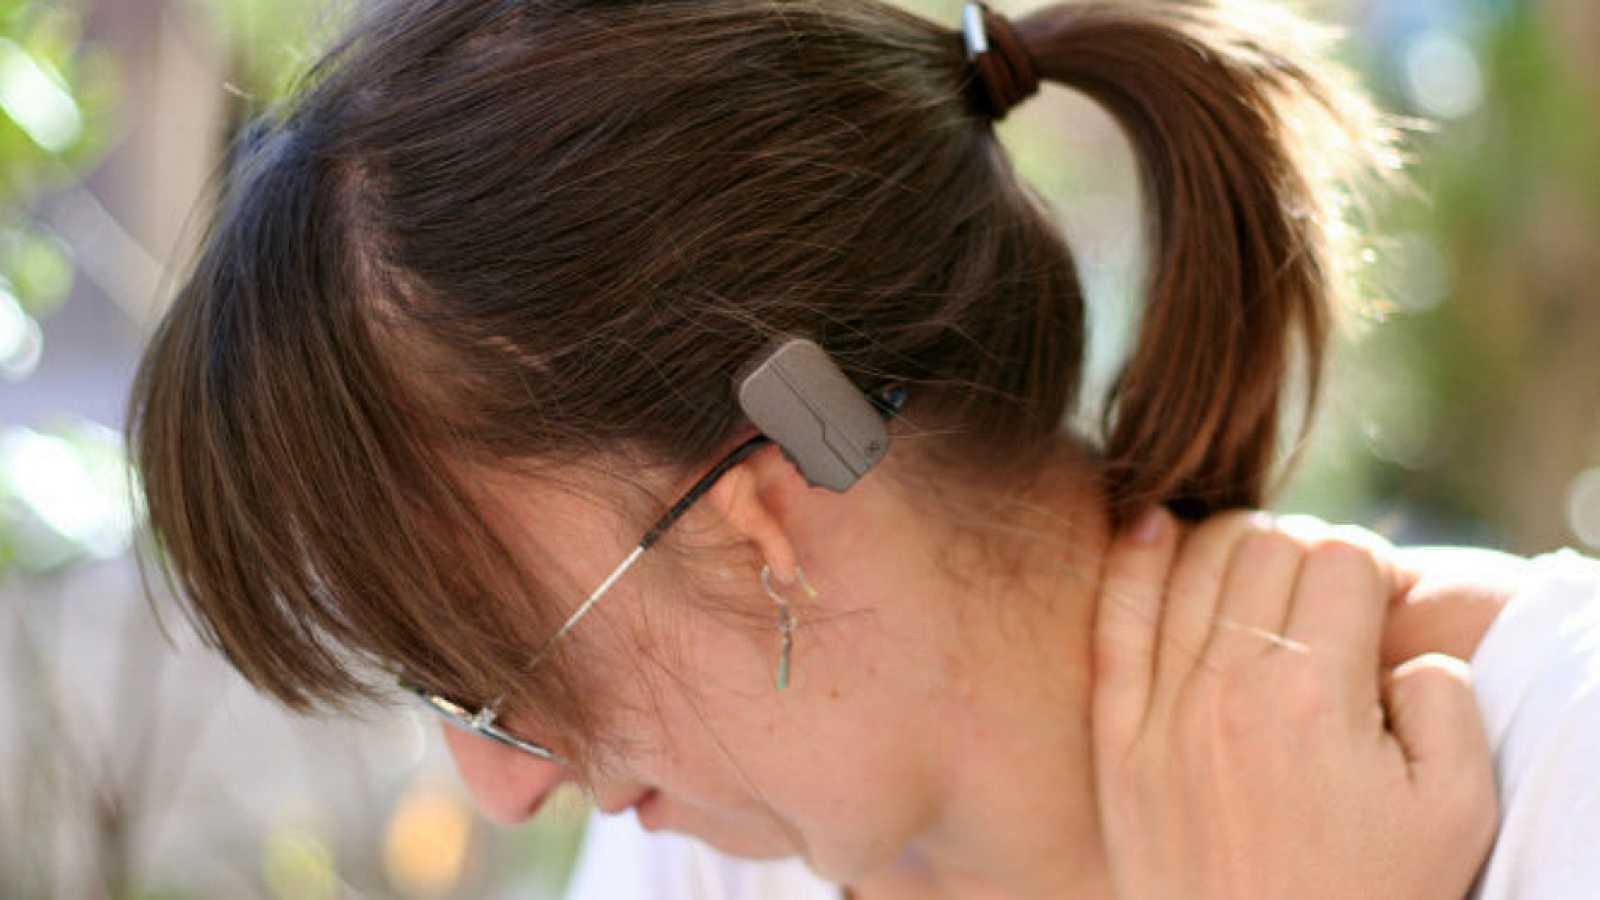 Descubriendo capacidades - Petición: no ser disminuida - 29/08/18 - Escuchar ahora